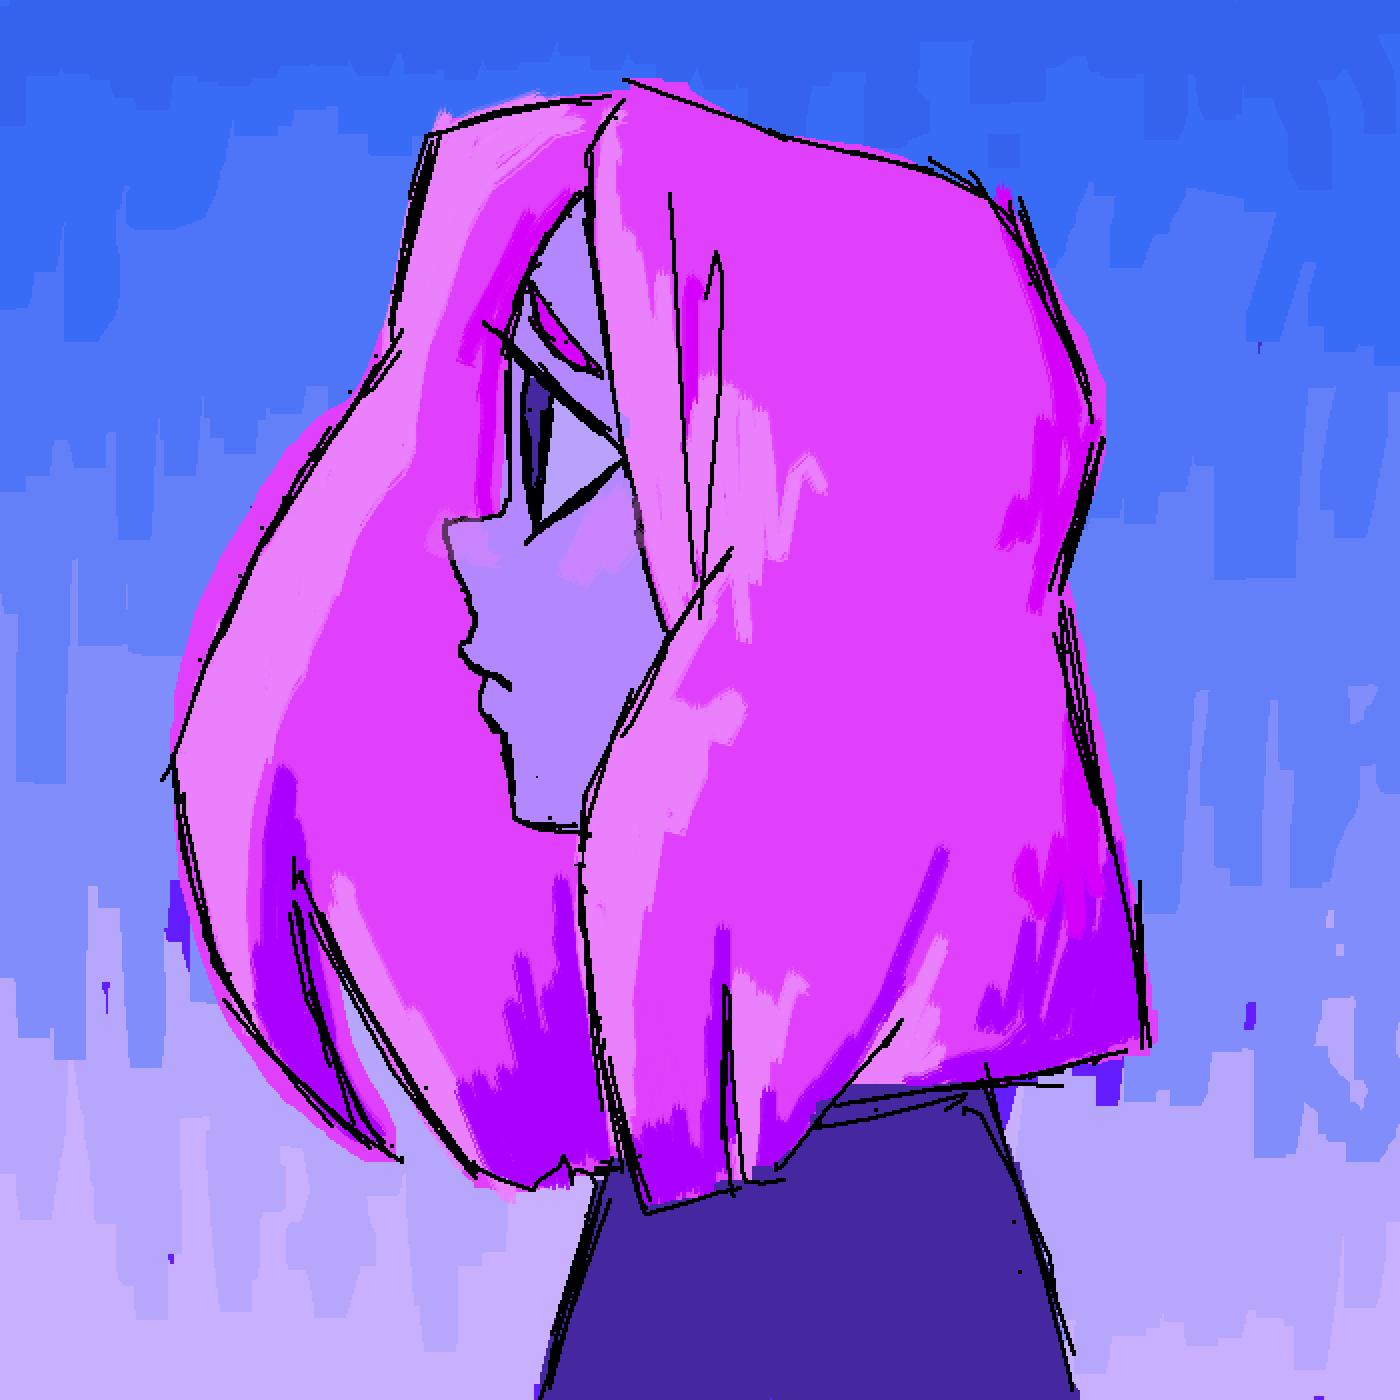 purple by Kpbutterfly